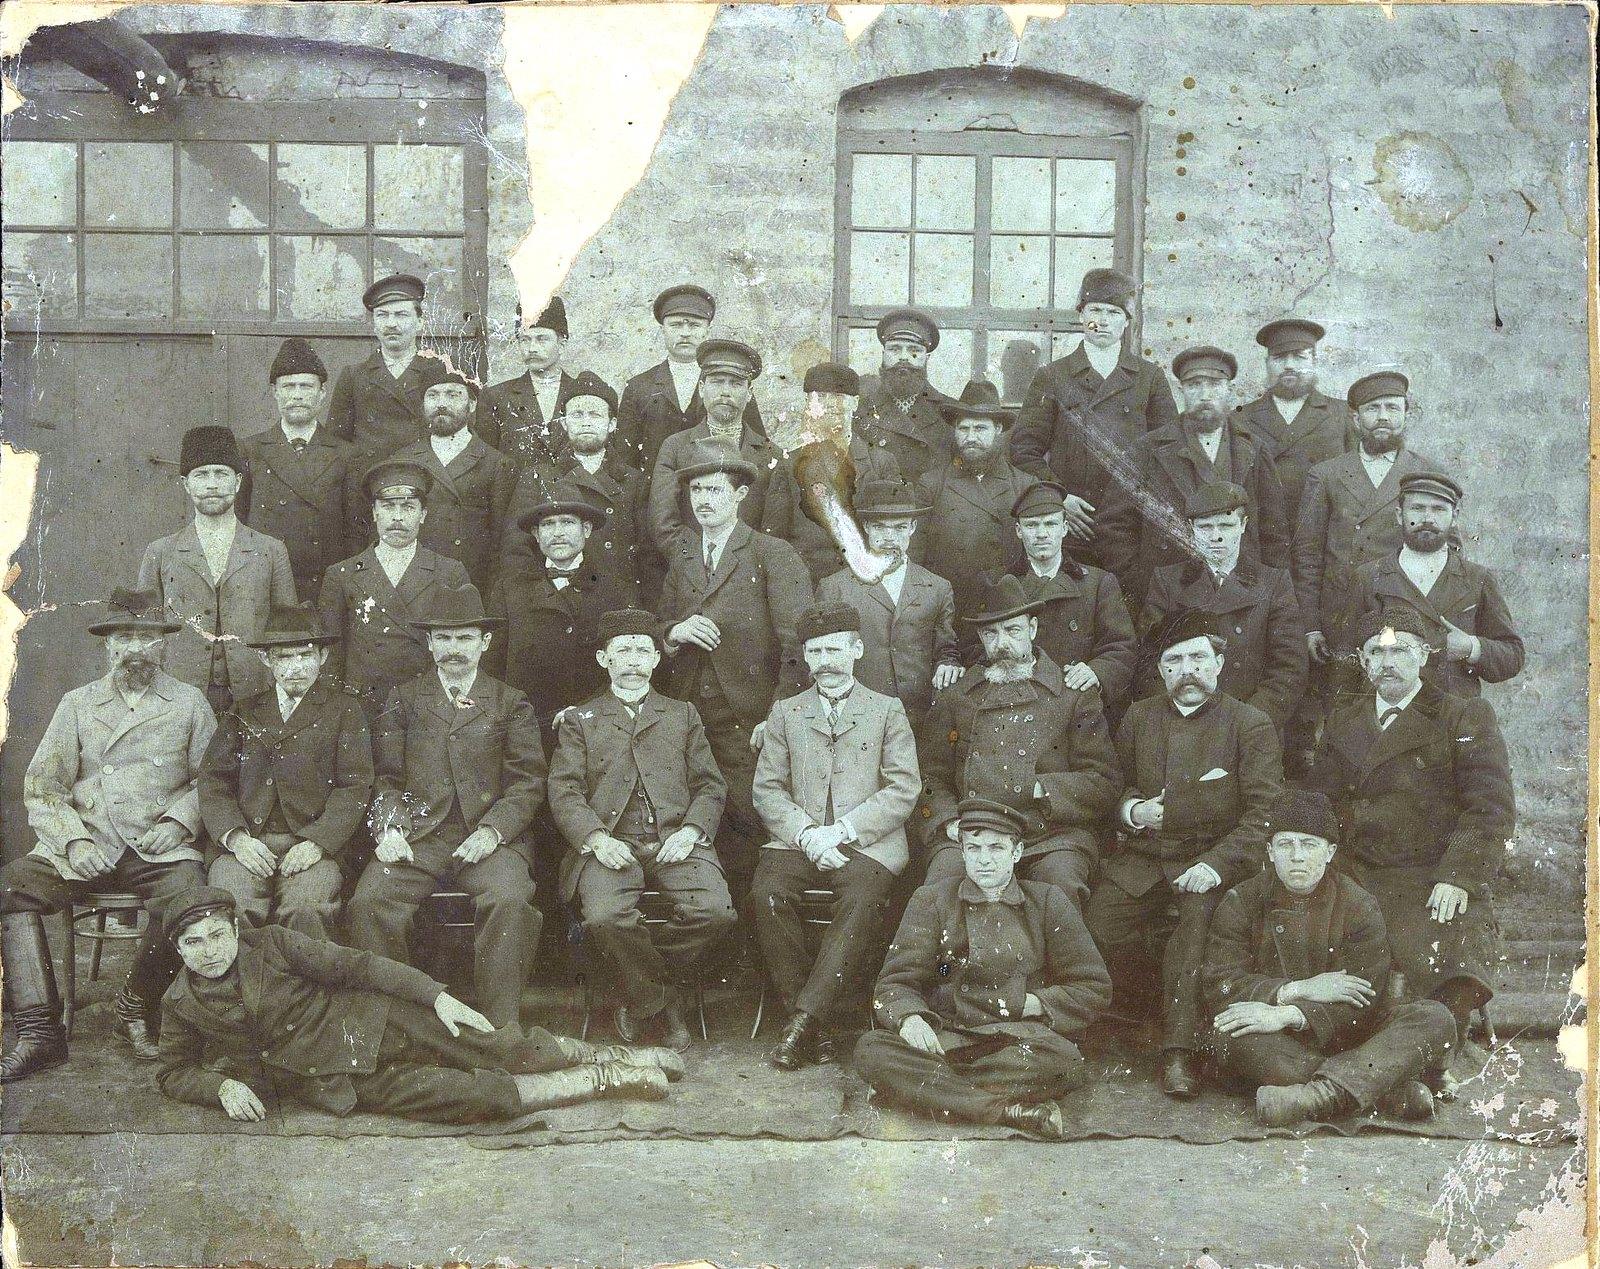 26. Группа рабочих, служащих и администрации нефтеперегонного завода Нобеля. Баку